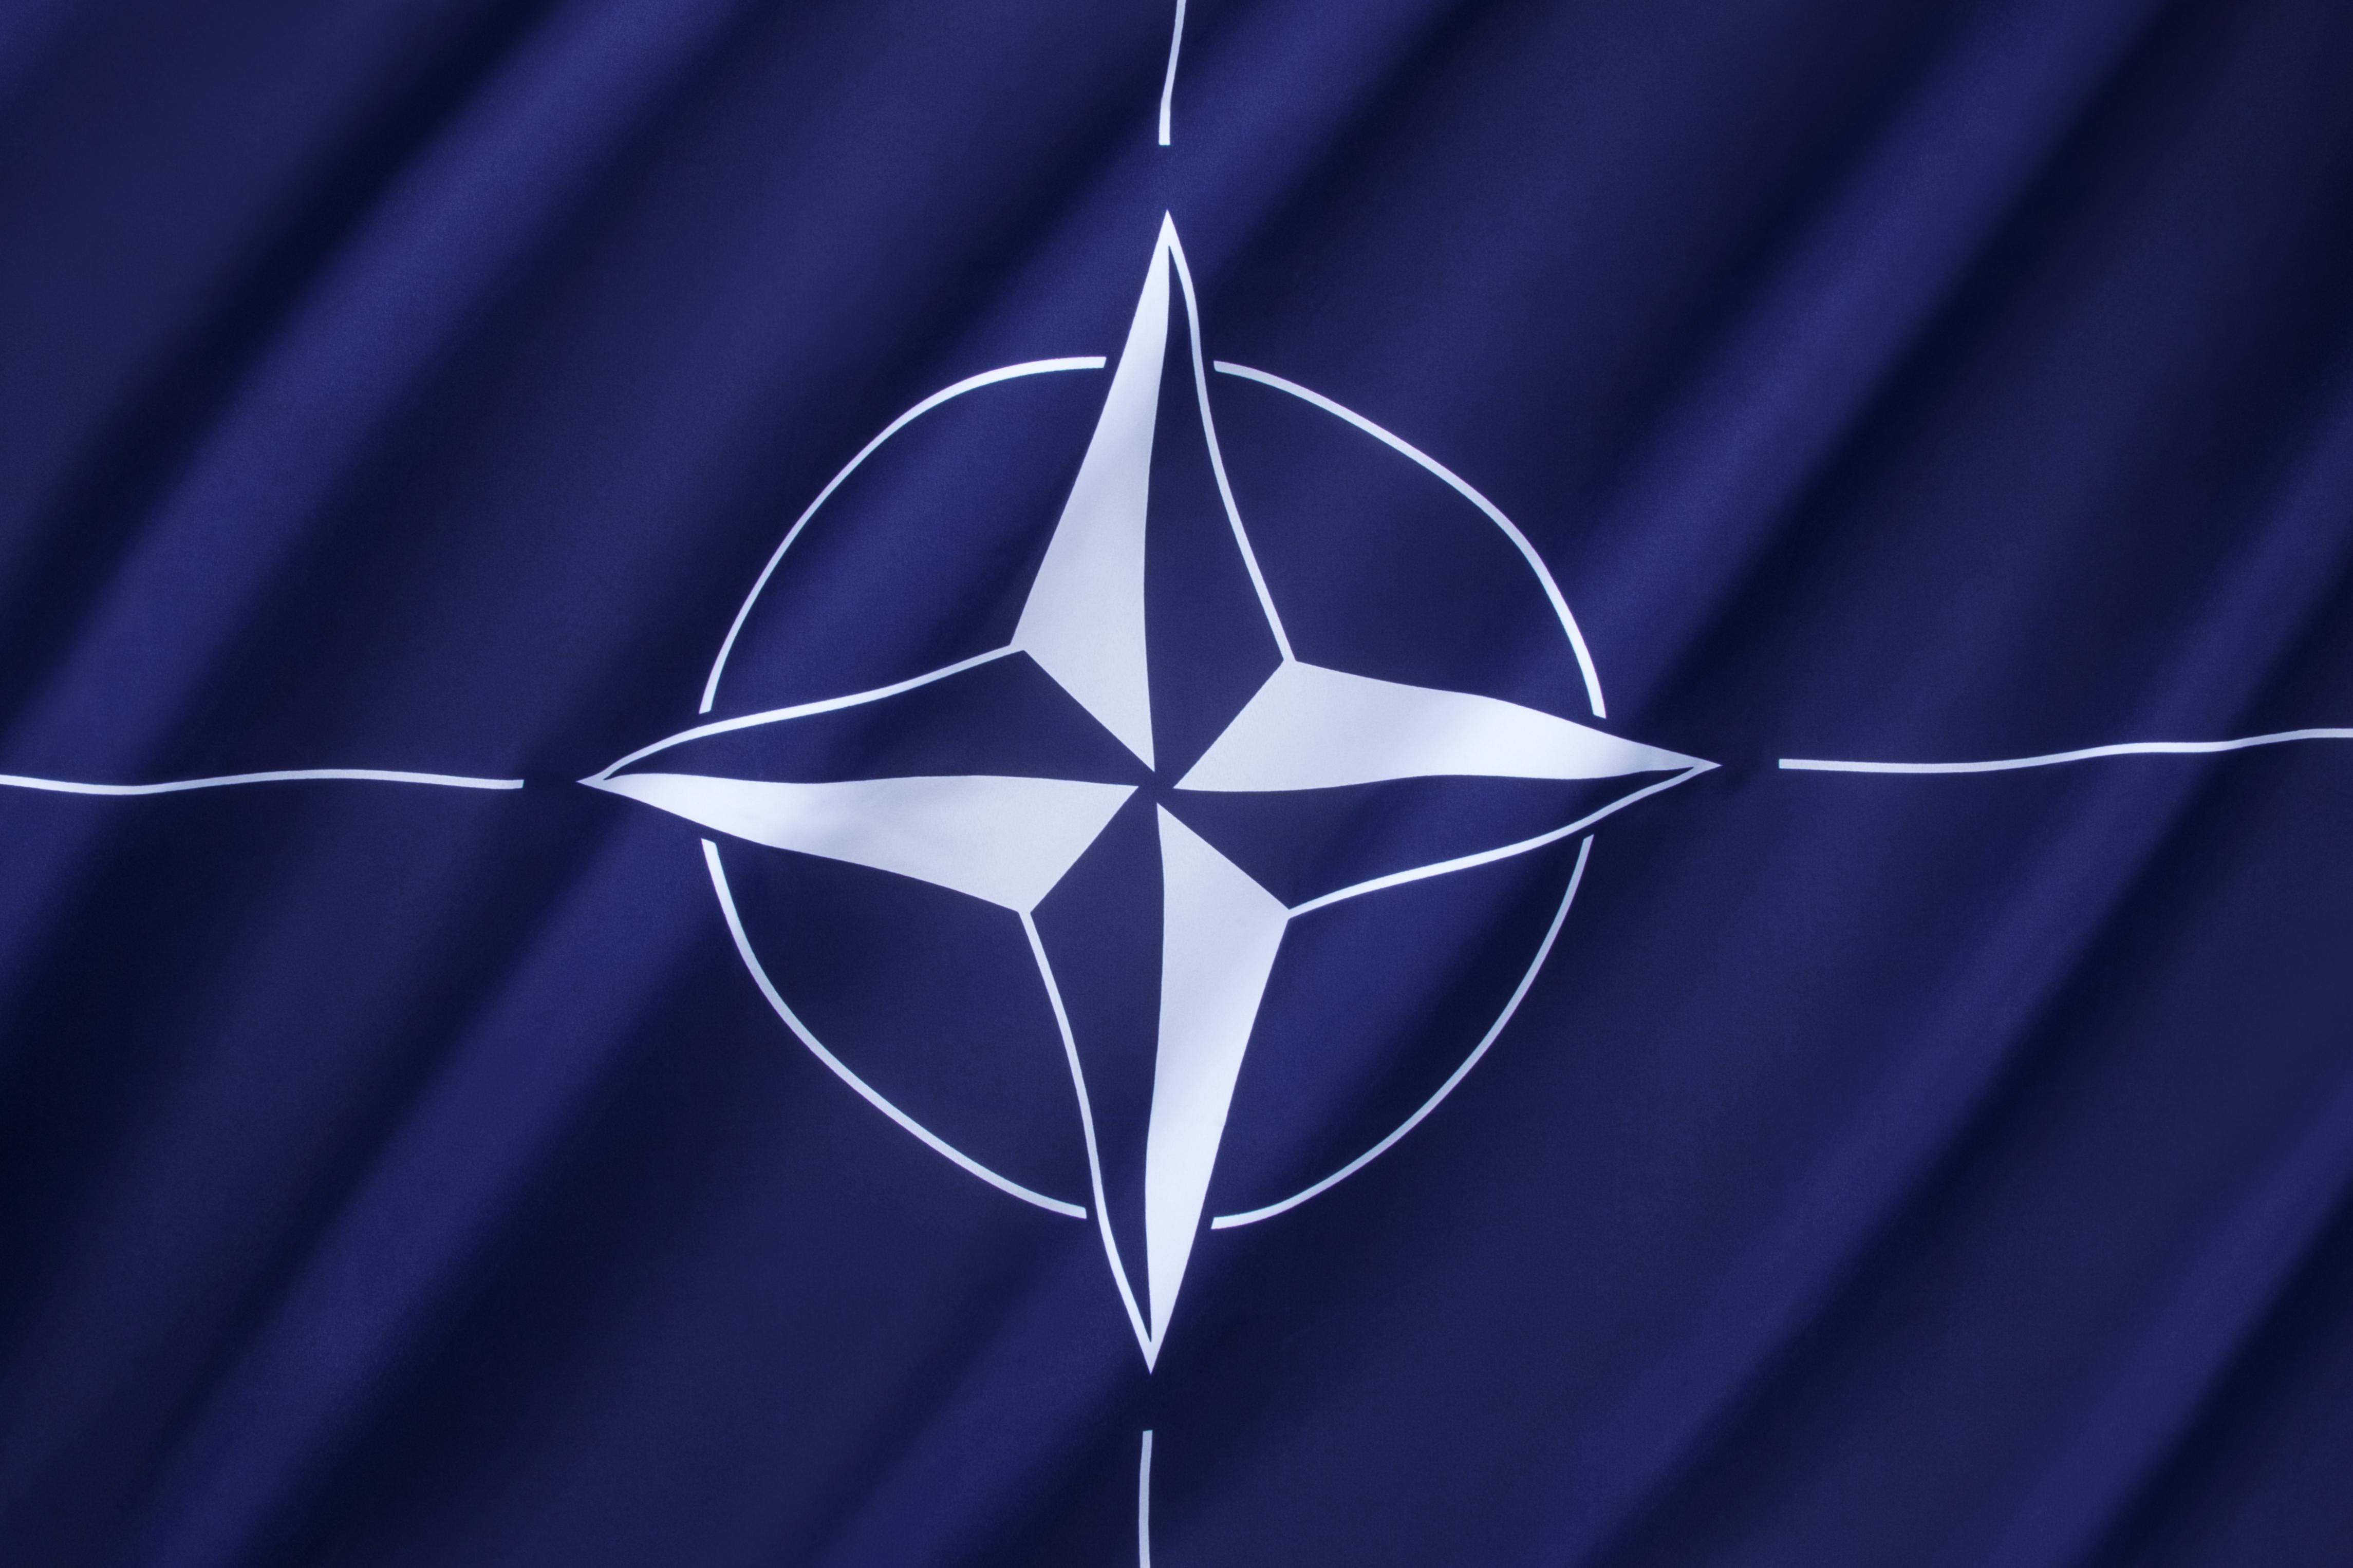 Rusia încalcă tratatul armelor nucleare, acuză NATO